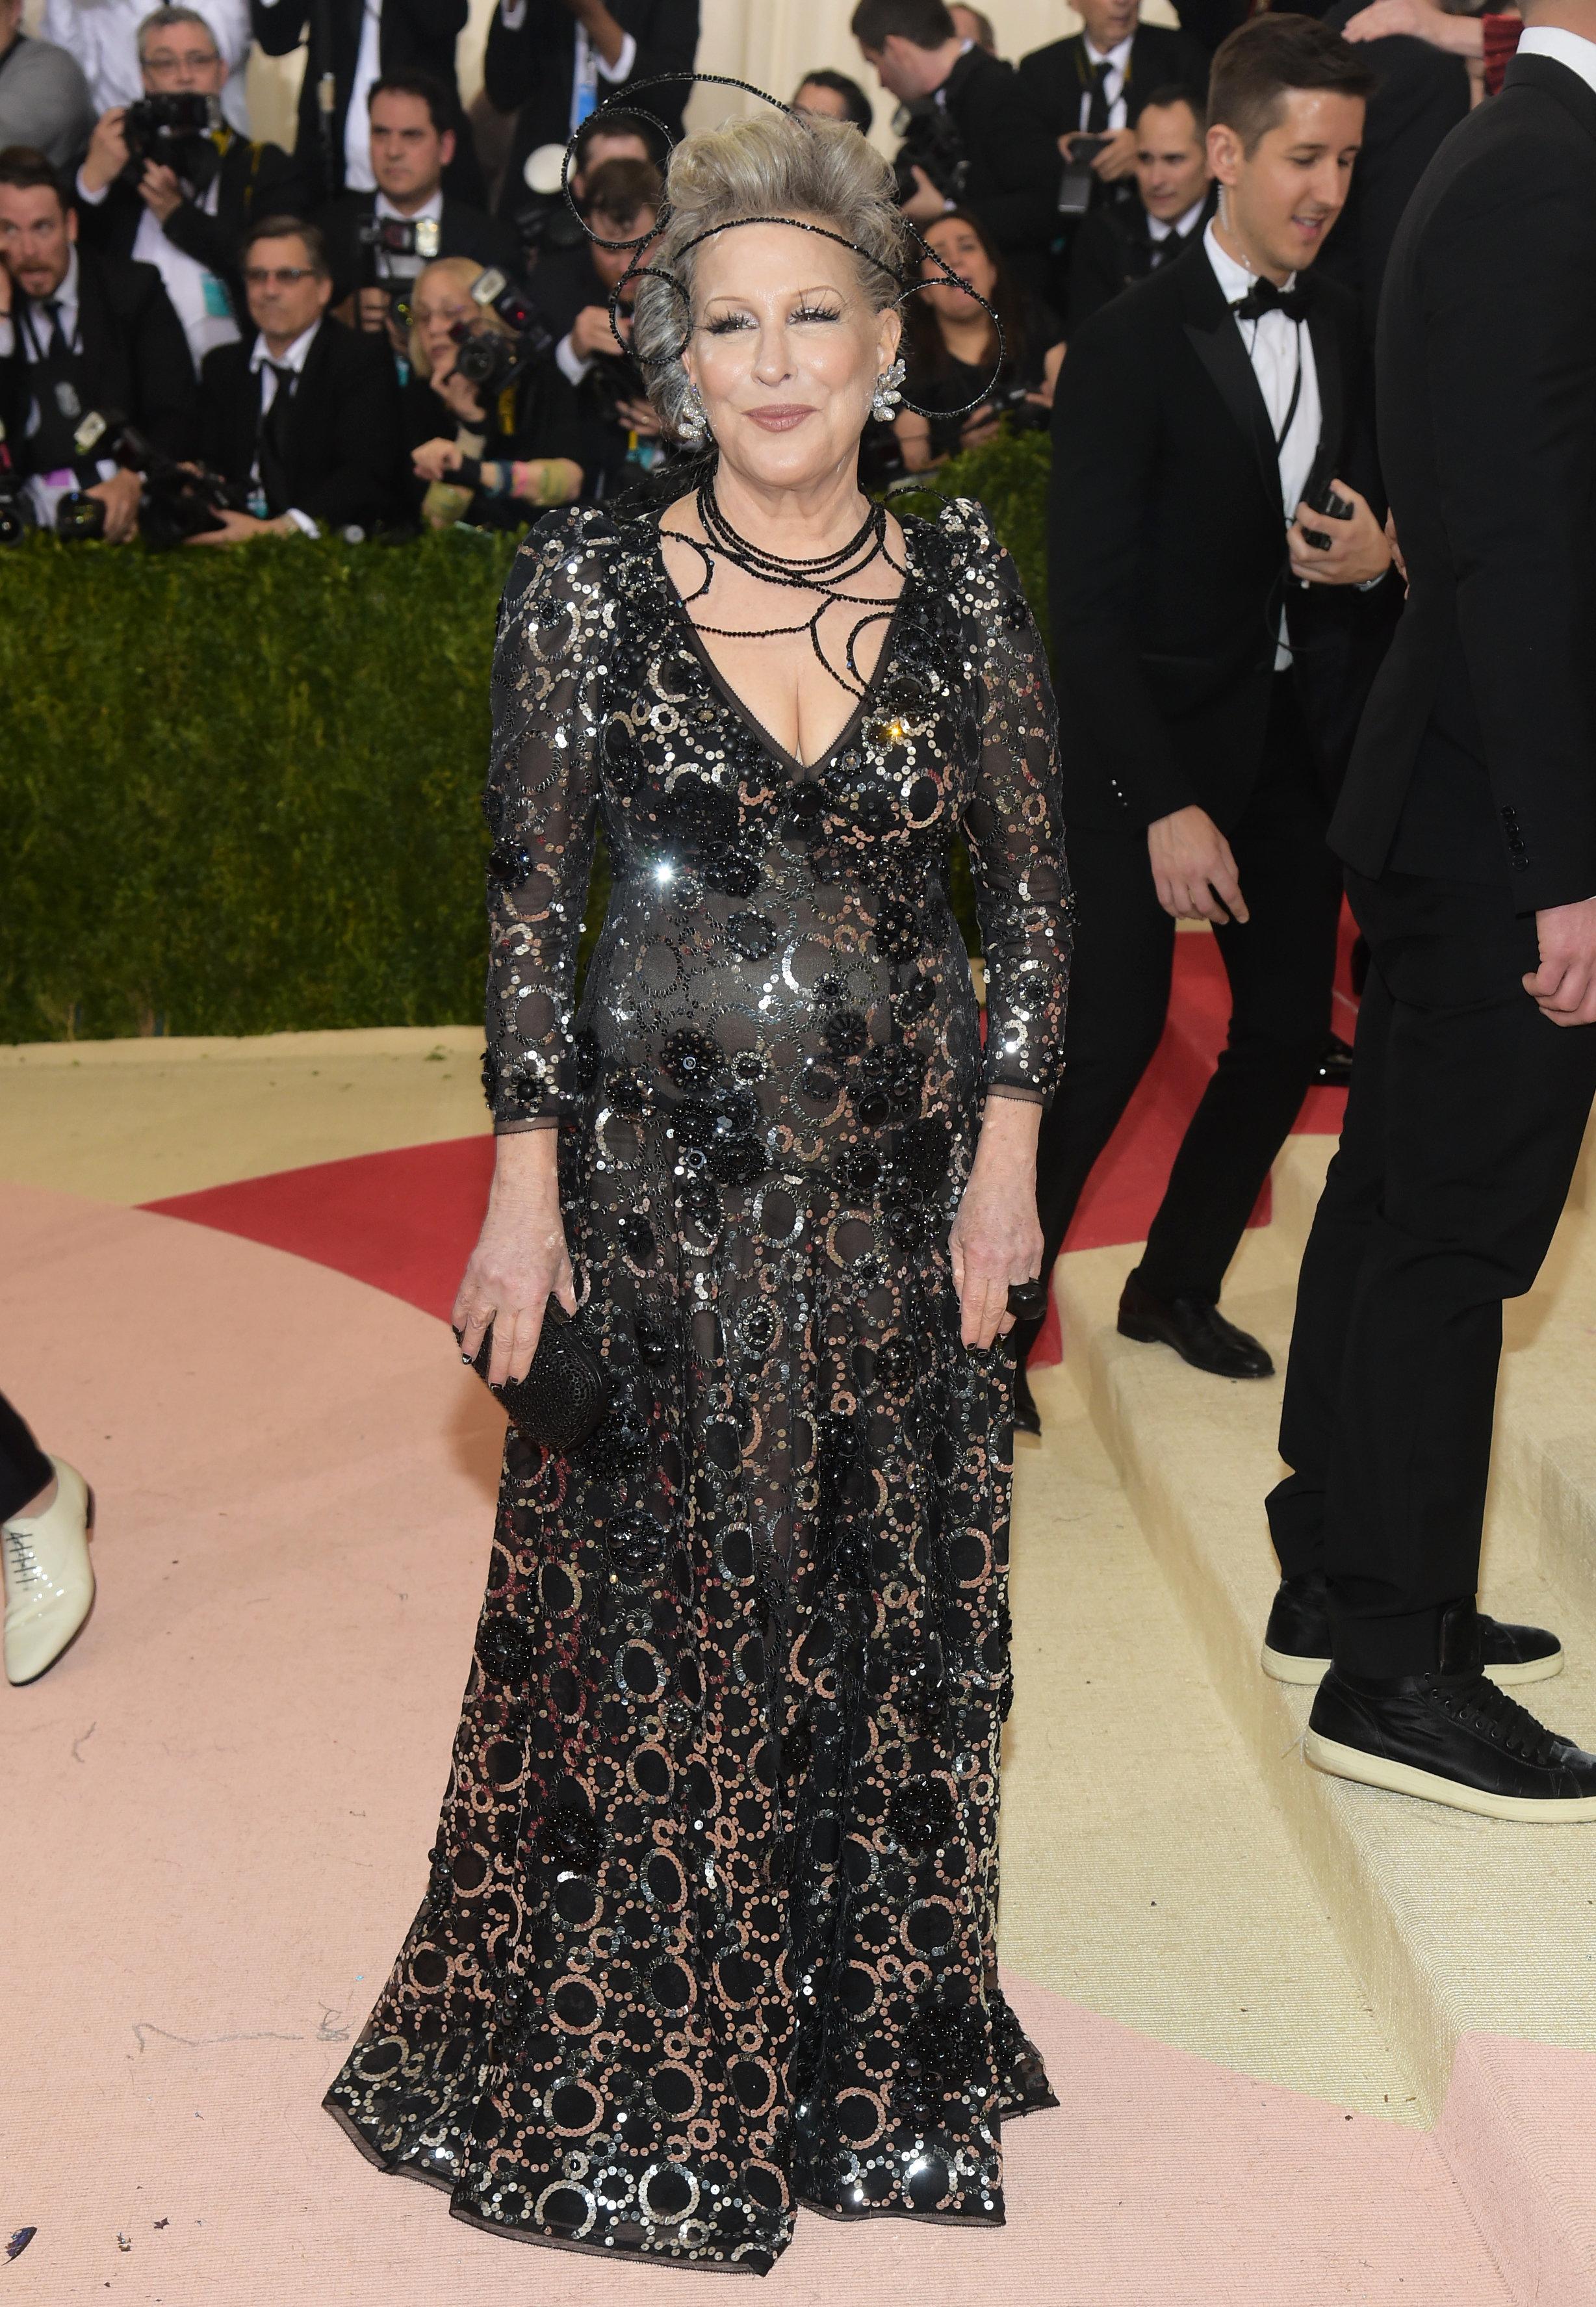 Bette Midler Apologises For 'Transphobic' Caitlyn Jenner